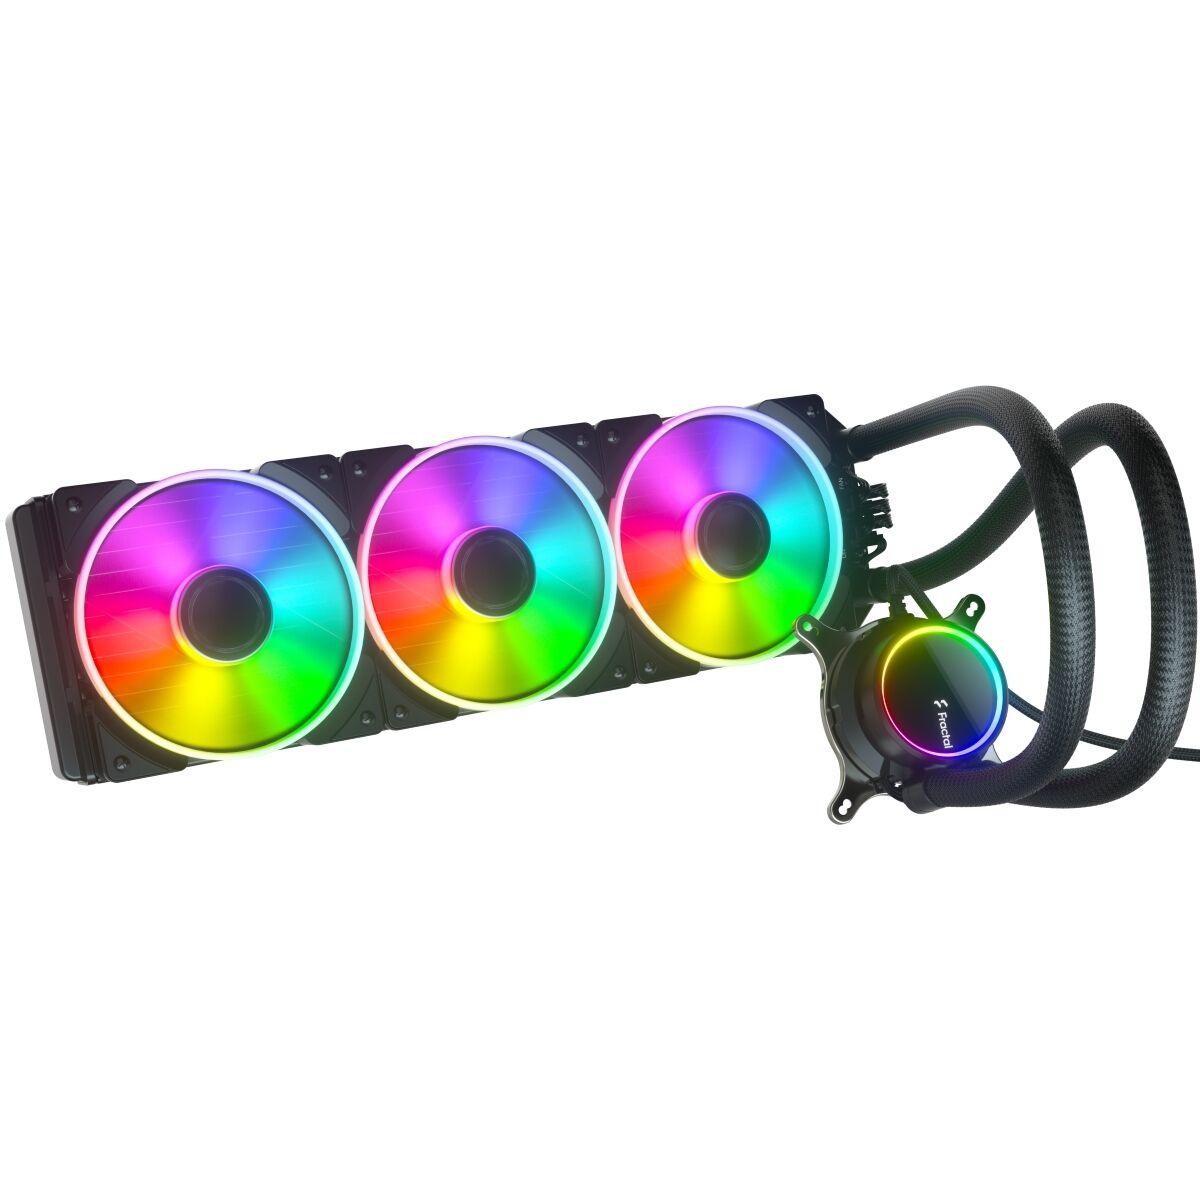 Fractal Design Celsius+ S36 Prisma - Prozessor - 32,7 dB - 20 dB - 800 U/min - 2800 U/min - 3 Lüfter